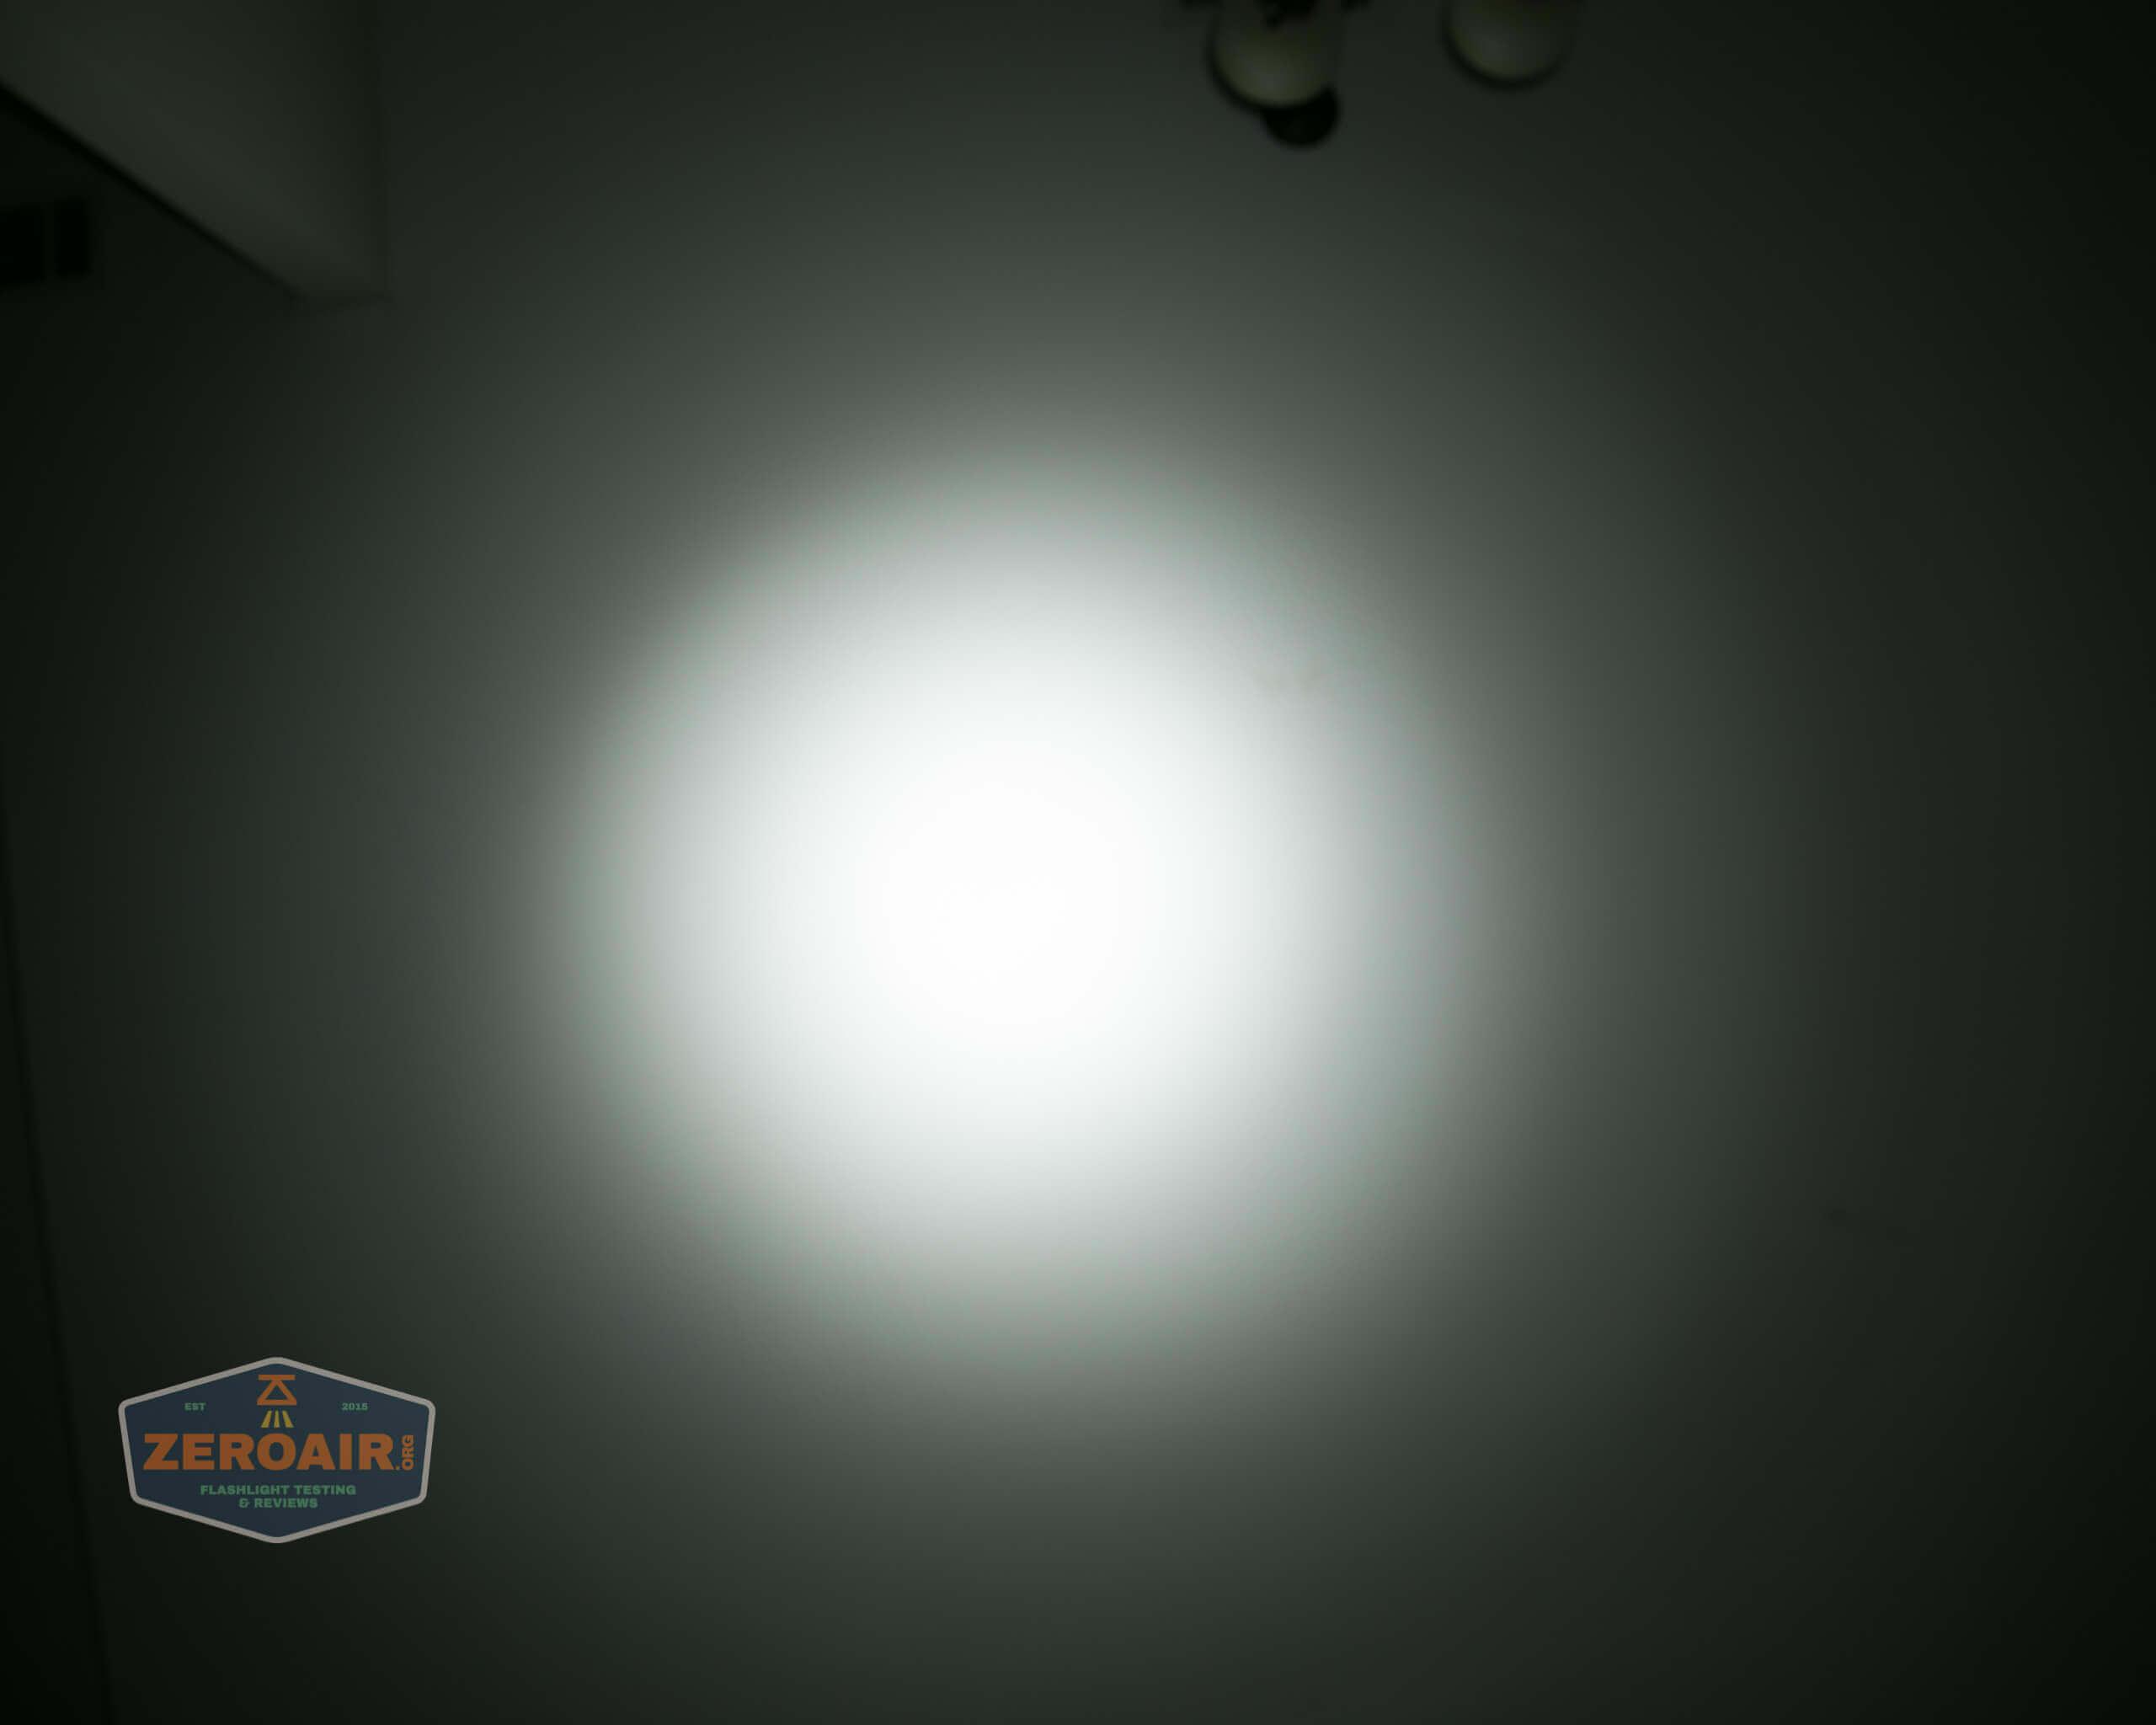 nitebeam x12uv flashlight beamshots ceiling low